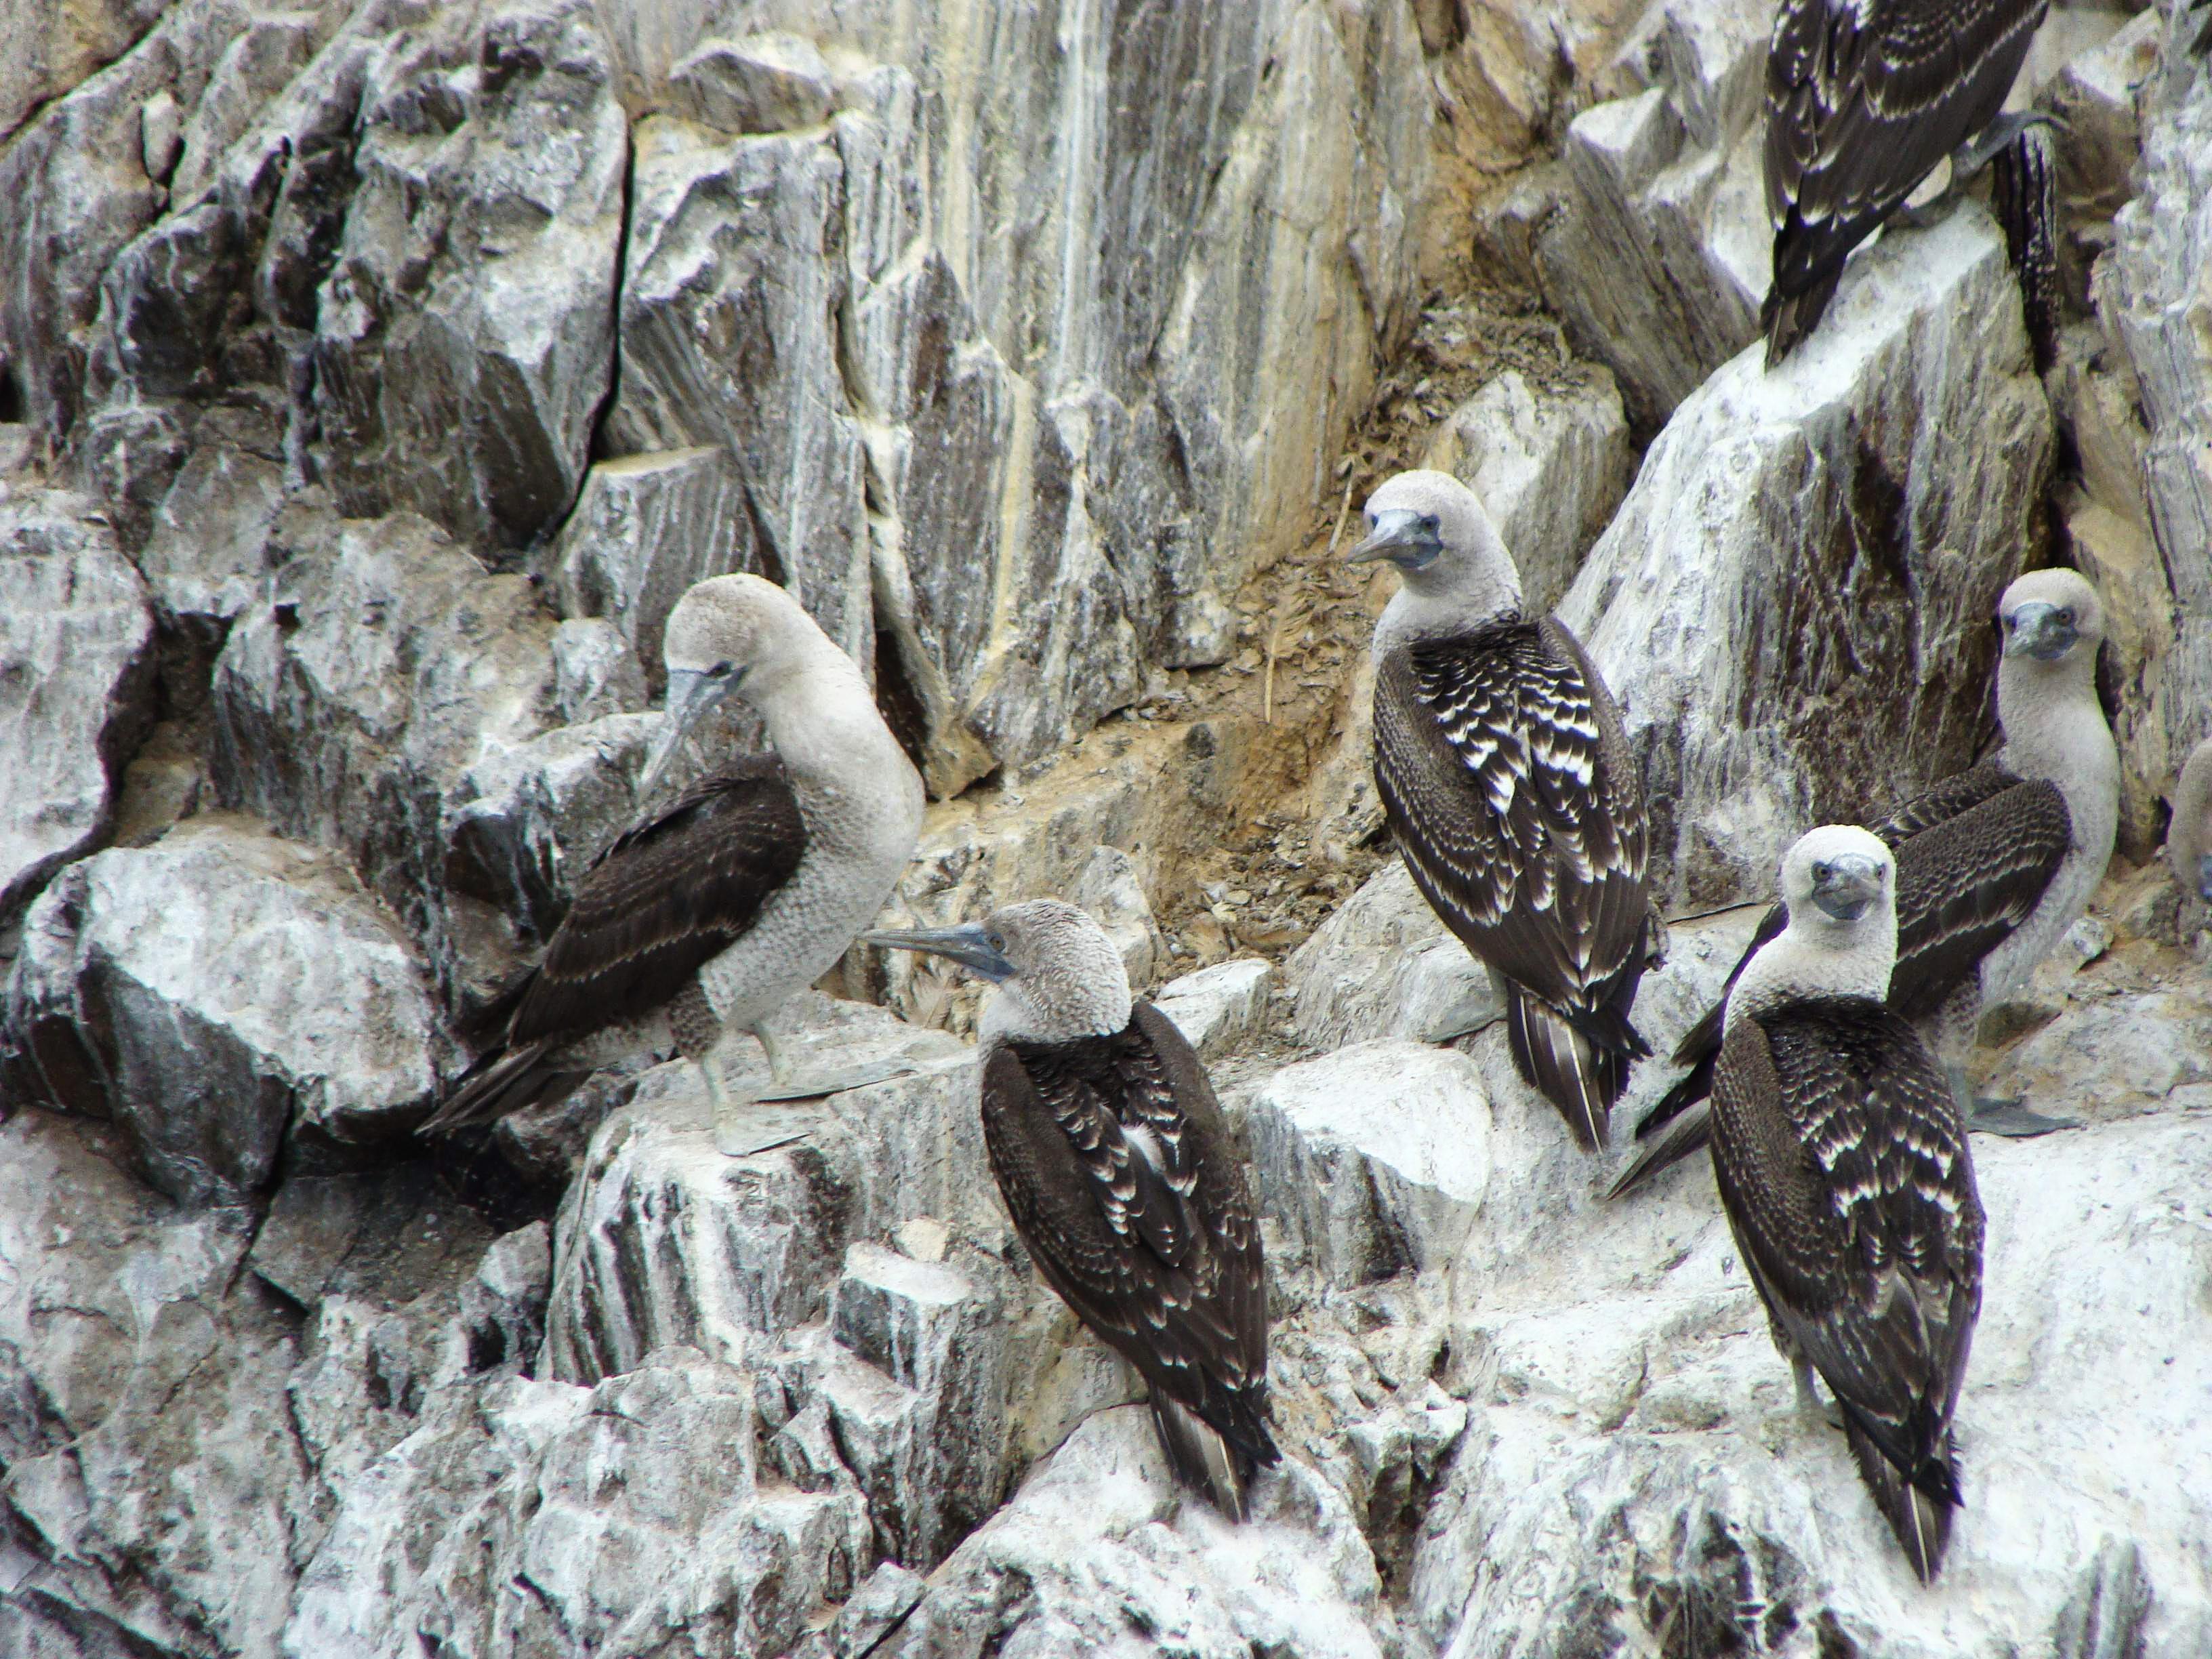 Národní rezervace Islas Balestas - Sula variegata - terej guánový 22. 2. 2011